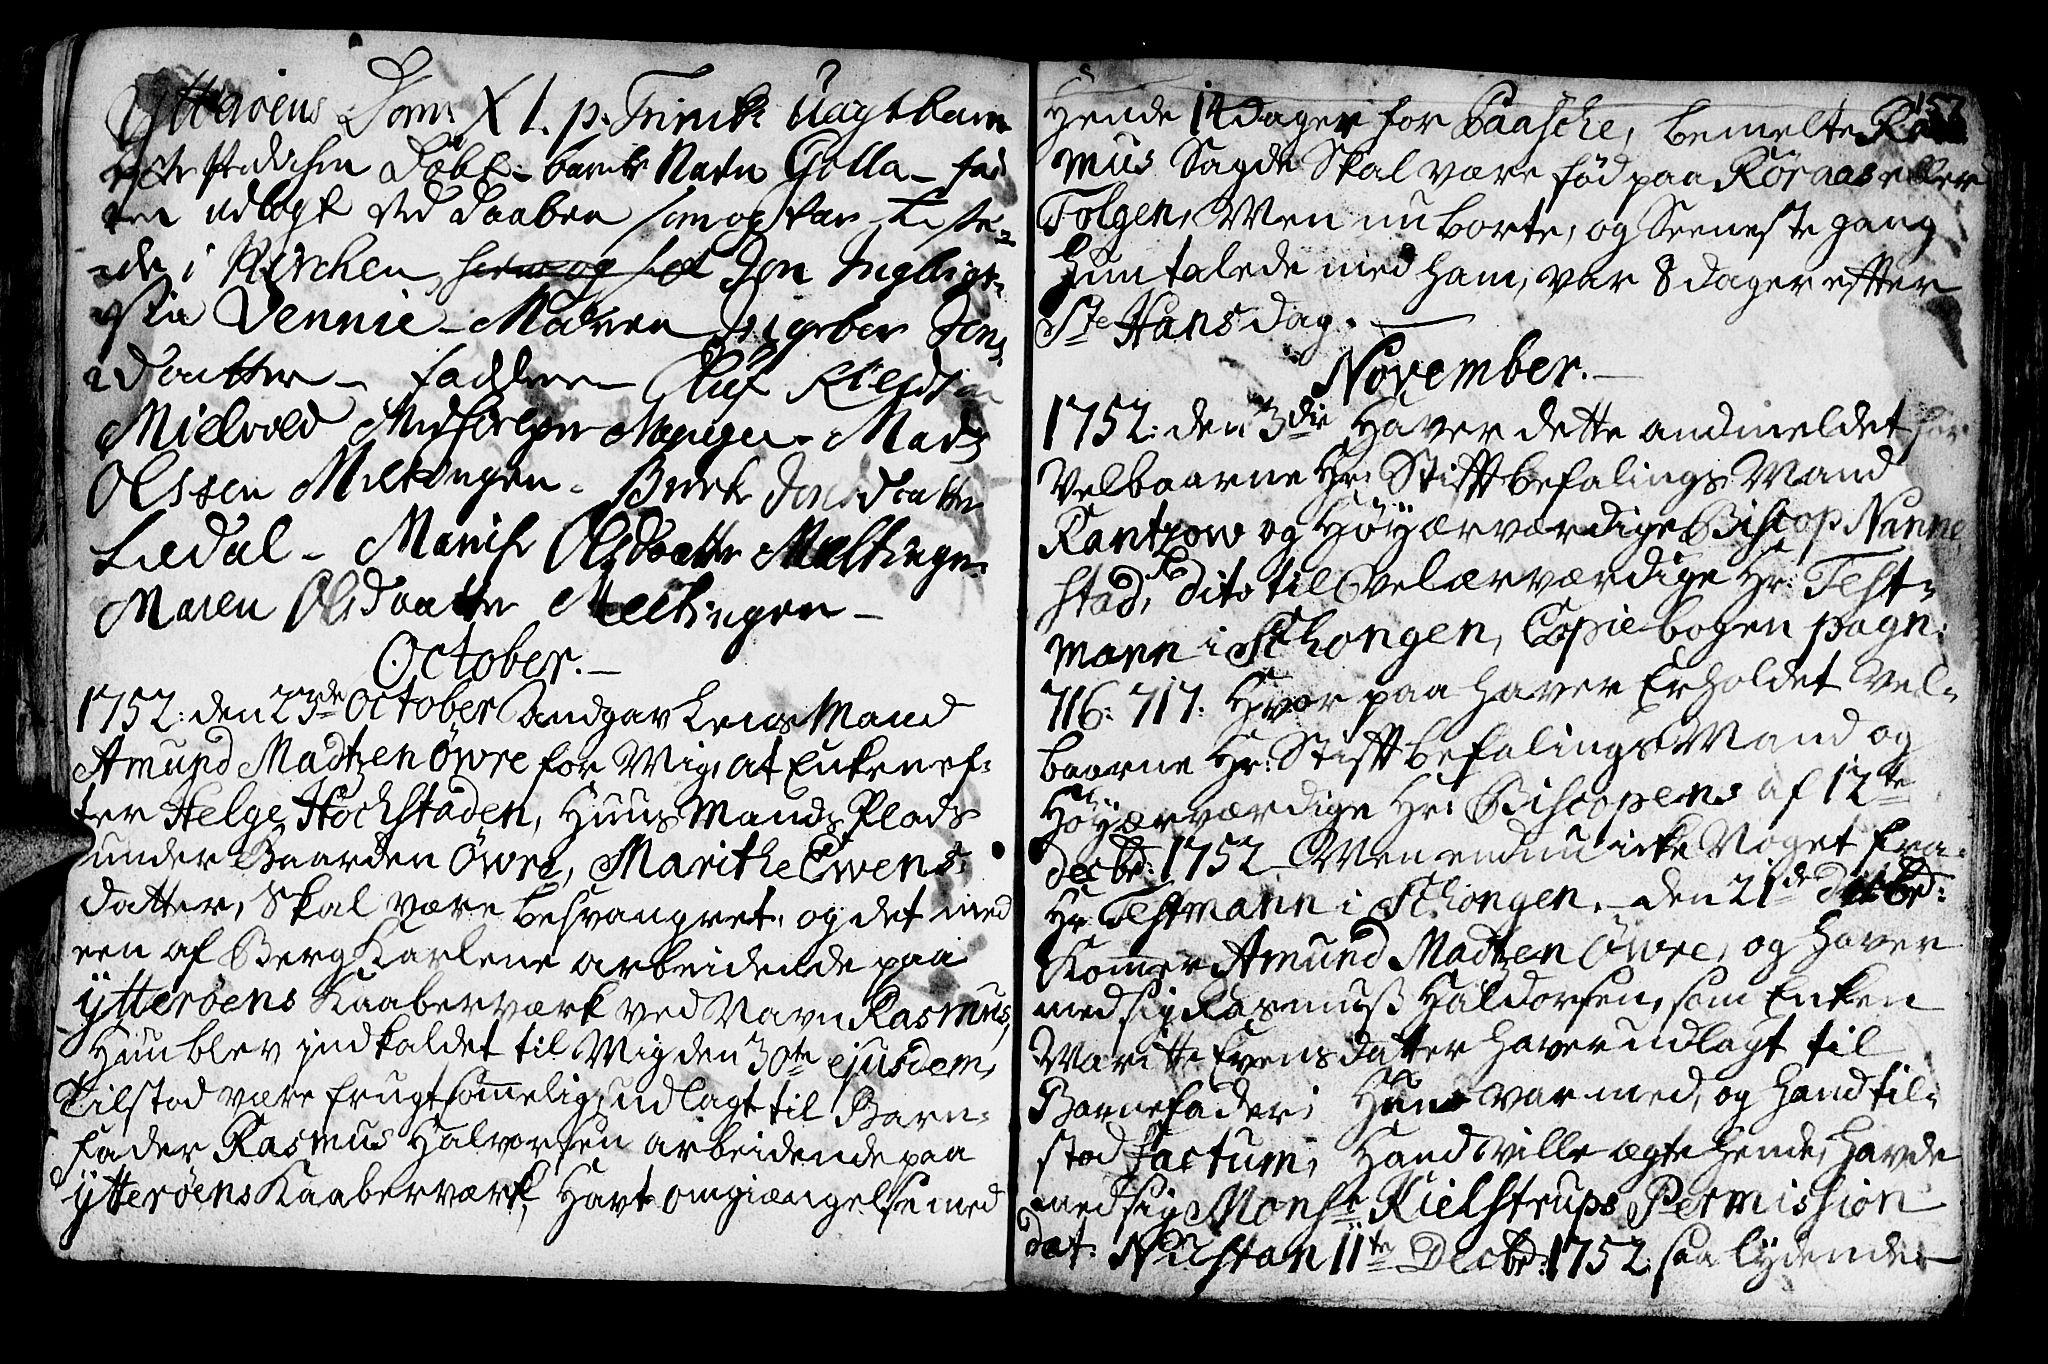 SAT, Ministerialprotokoller, klokkerbøker og fødselsregistre - Nord-Trøndelag, 722/L0215: Ministerialbok nr. 722A02, 1718-1755, s. 157